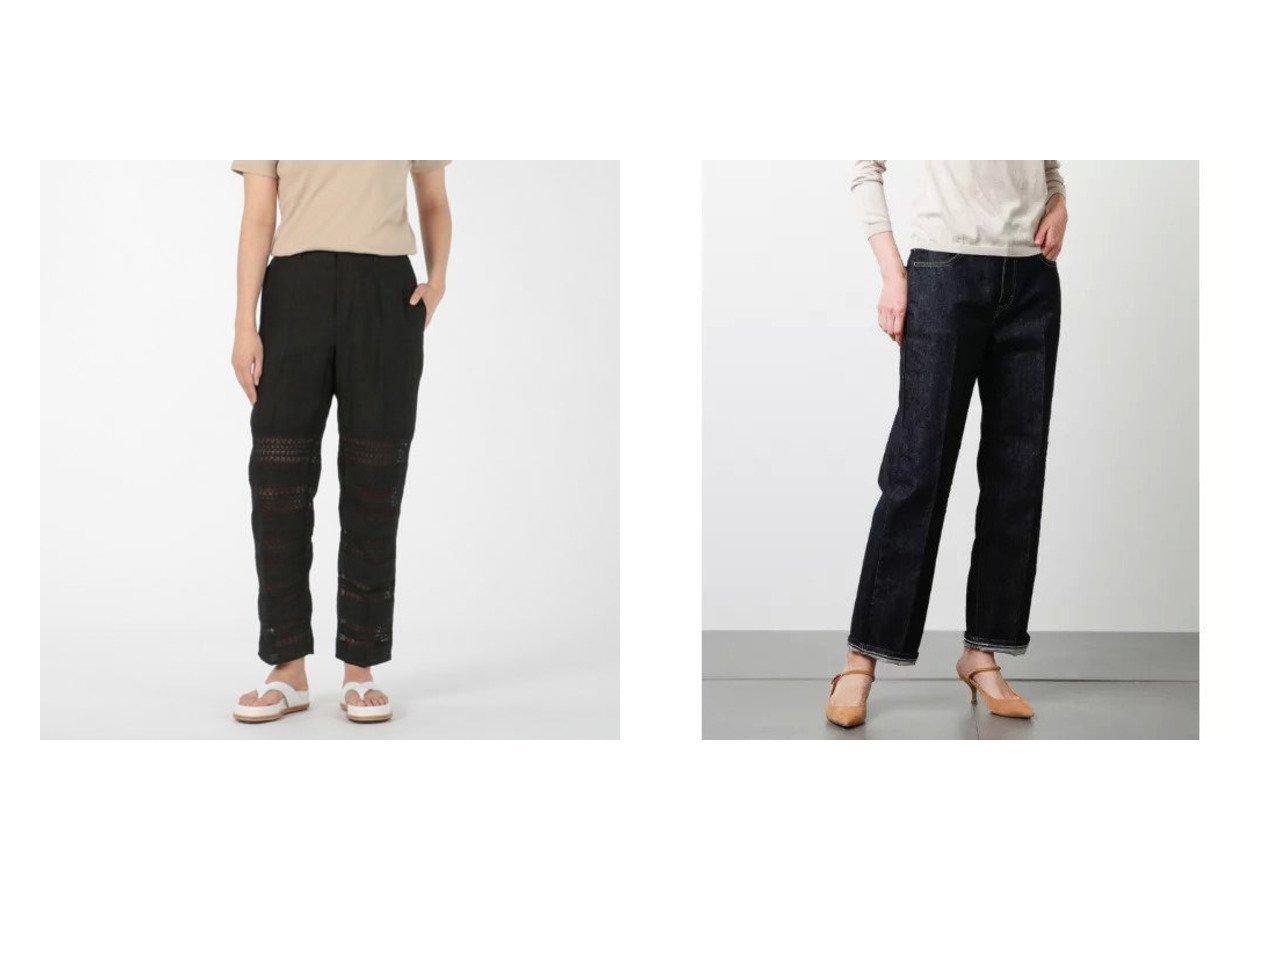 【NEWYORKER/ニューヨーカー】のEDWIN 13オンスデニムパンツ&【Pheeta/フィータ】のPants(Stella) パンツのおすすめ!人気、トレンド・レディースファッションの通販  おすすめで人気の流行・トレンド、ファッションの通販商品 メンズファッション・キッズファッション・インテリア・家具・レディースファッション・服の通販 founy(ファニー) https://founy.com/ ファッション Fashion レディースファッション WOMEN パンツ Pants デニムパンツ Denim Pants インド レース S/S 春夏 SS Spring/Summer コイン ストレッチ ストレート スラックス センター デニム パッチ ポケット ワイド 春 Spring |ID:crp329100000018908